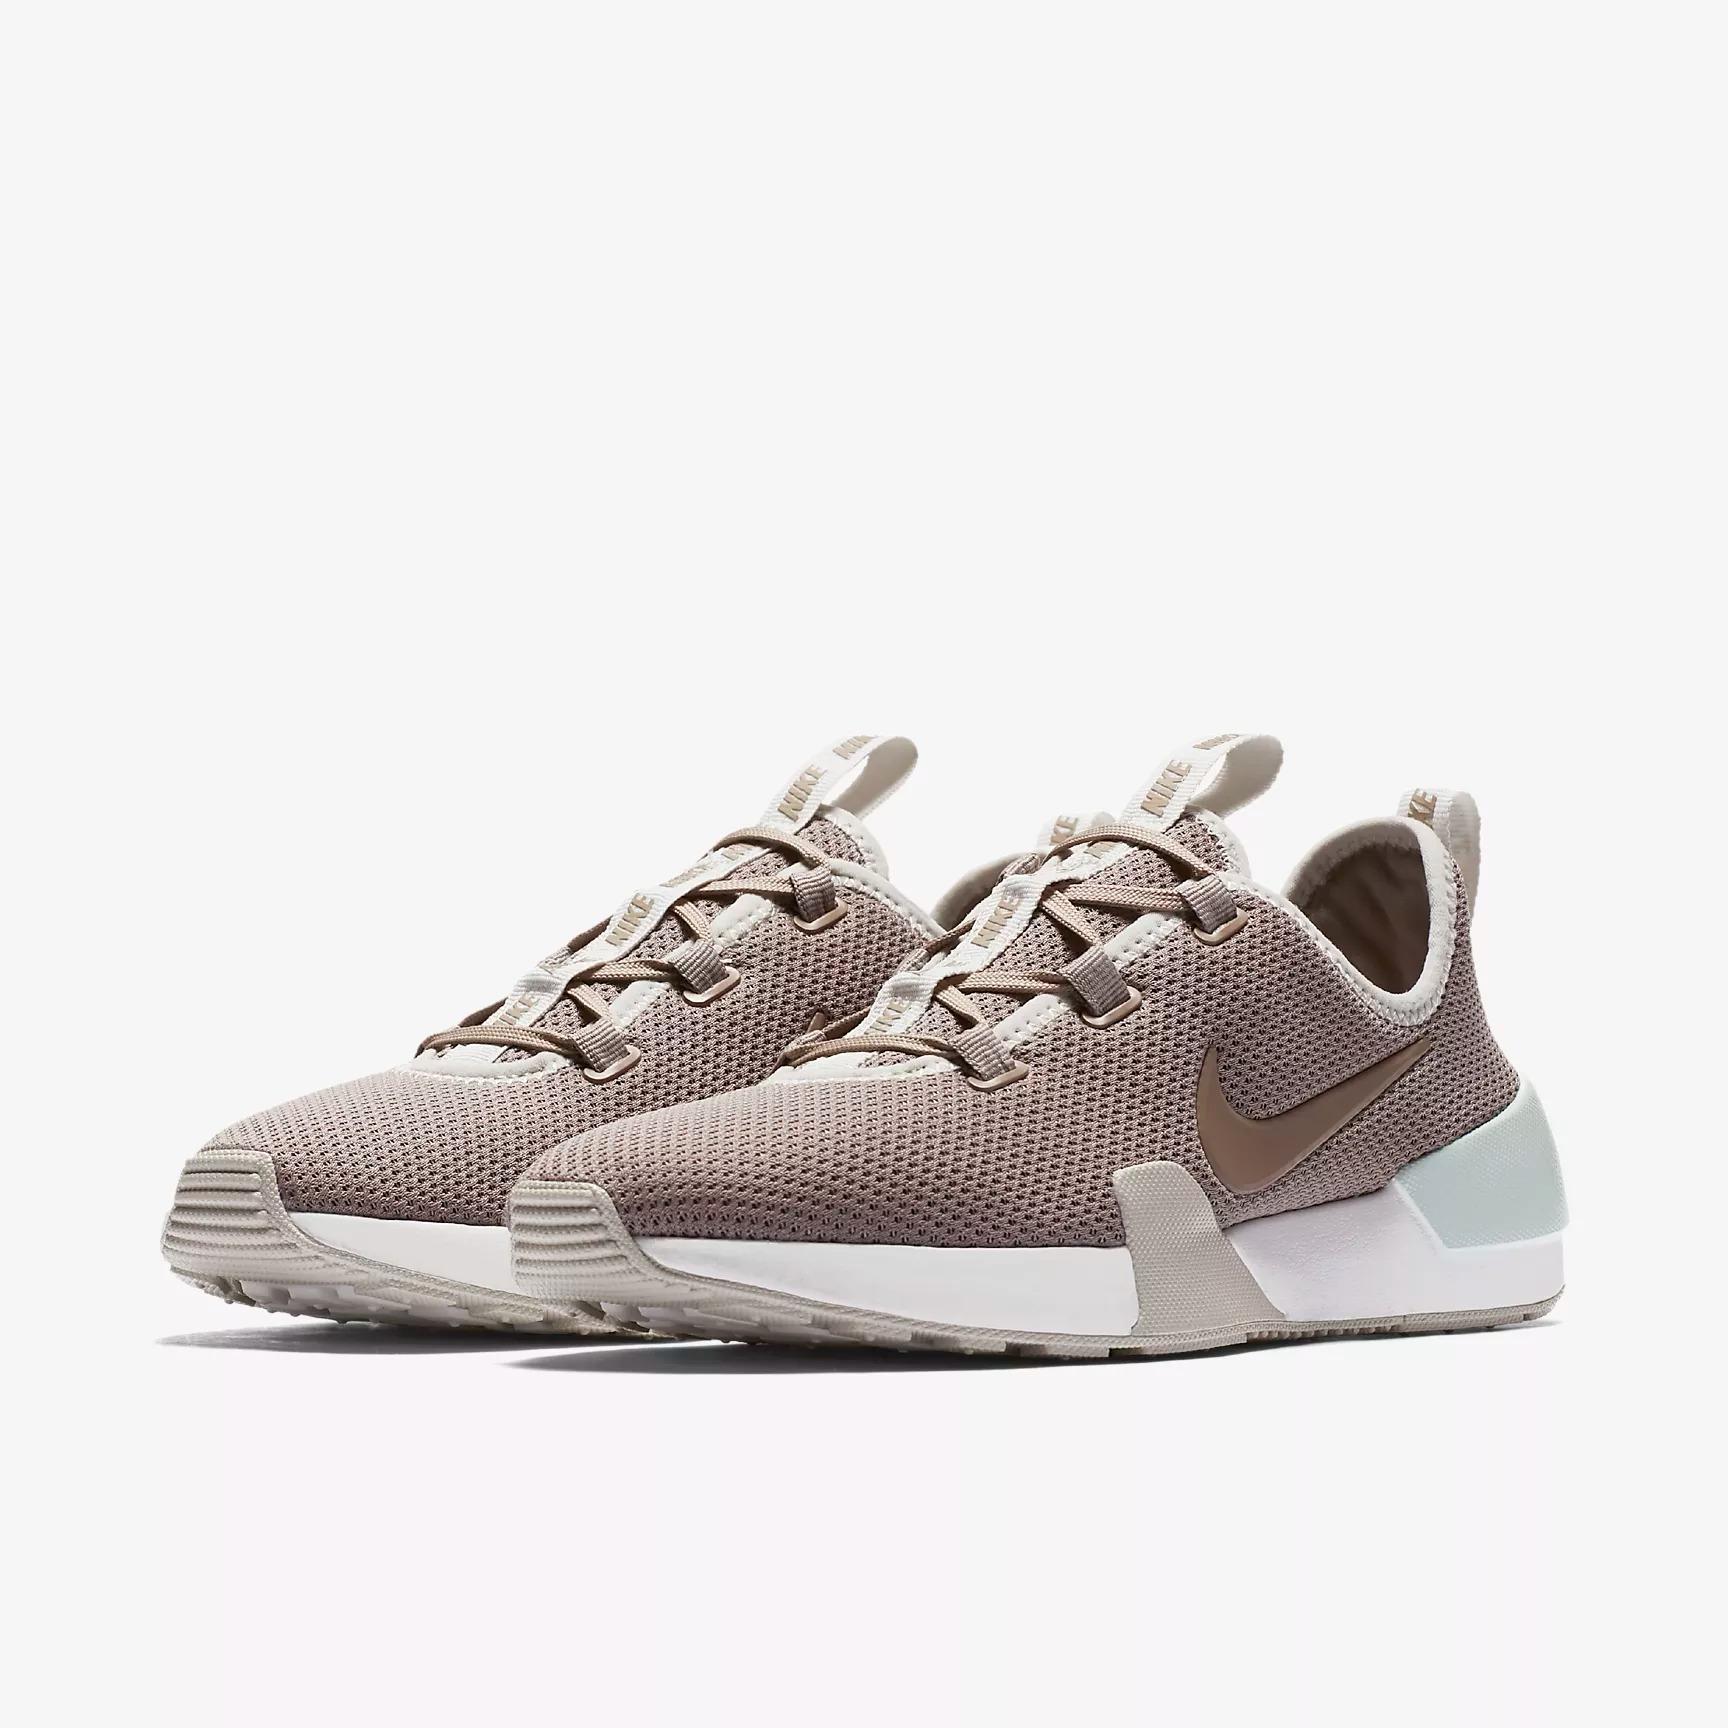 2a81580fd21 Nike Wmns Ashin Modern Run - SPORT SHOES Lifestyle Shoes